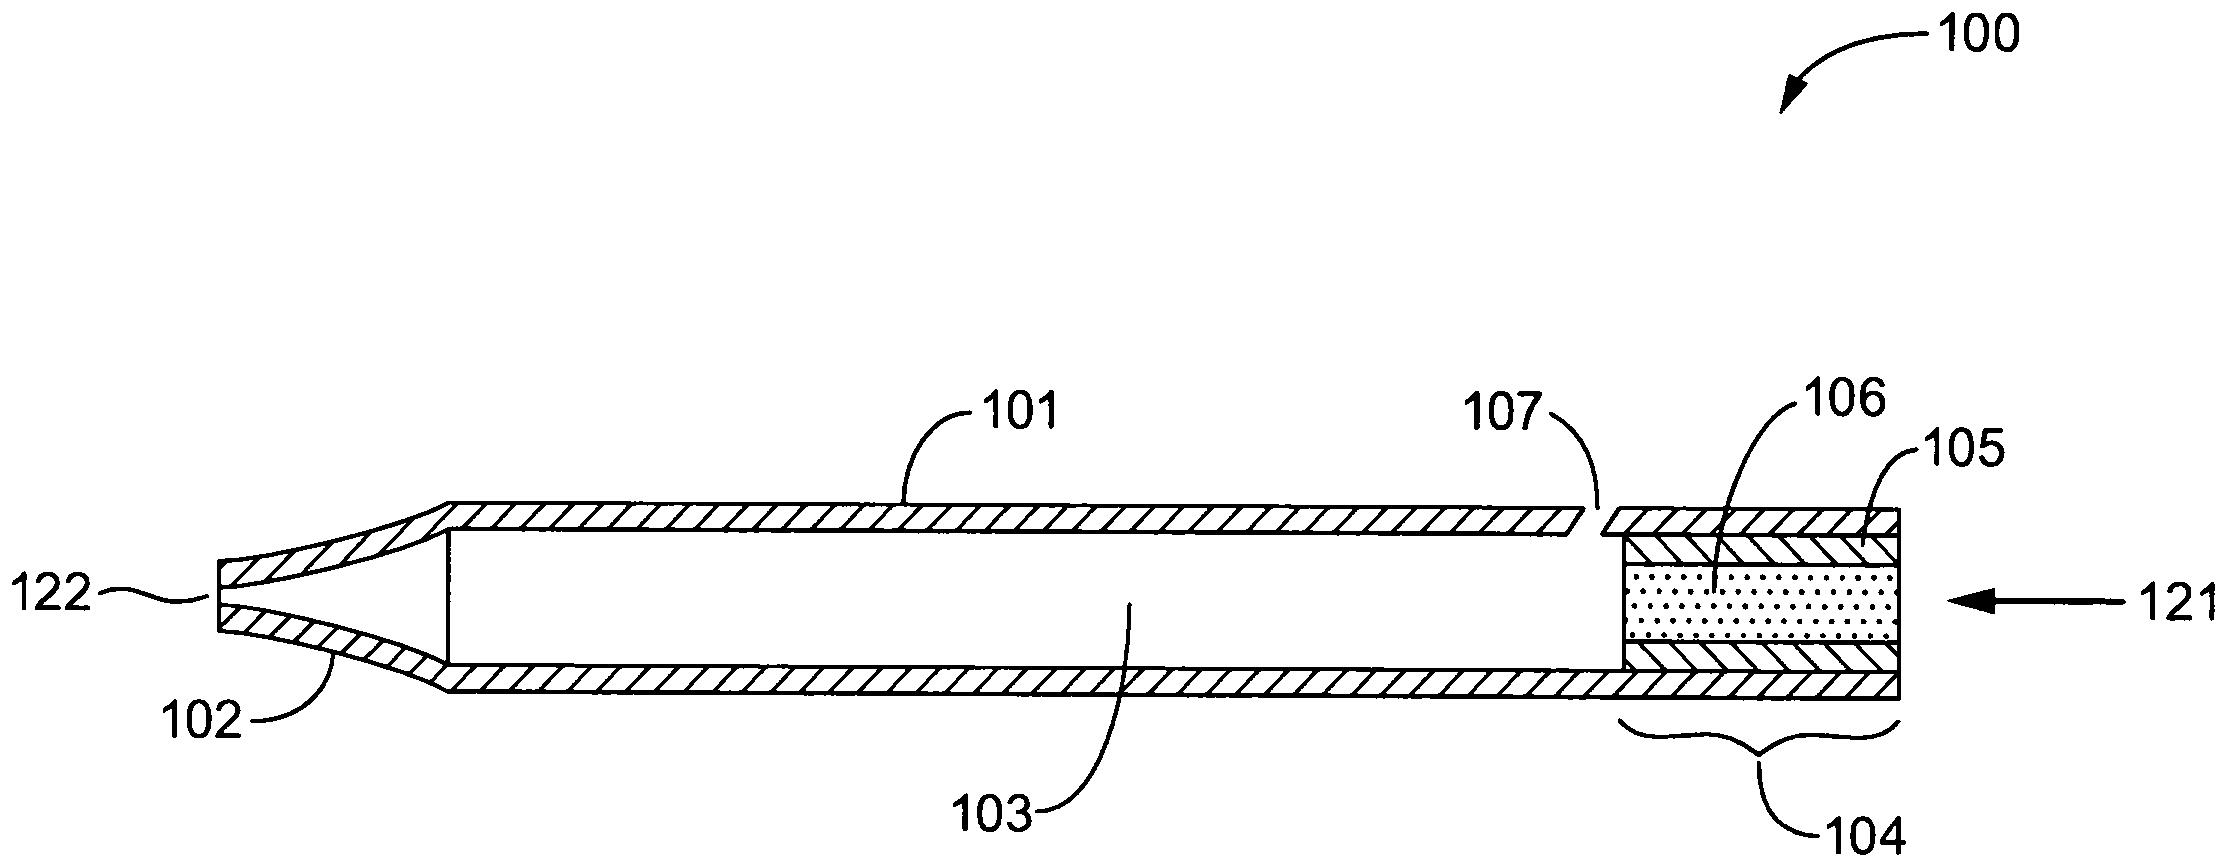 Figure DE202014011260U1_0000